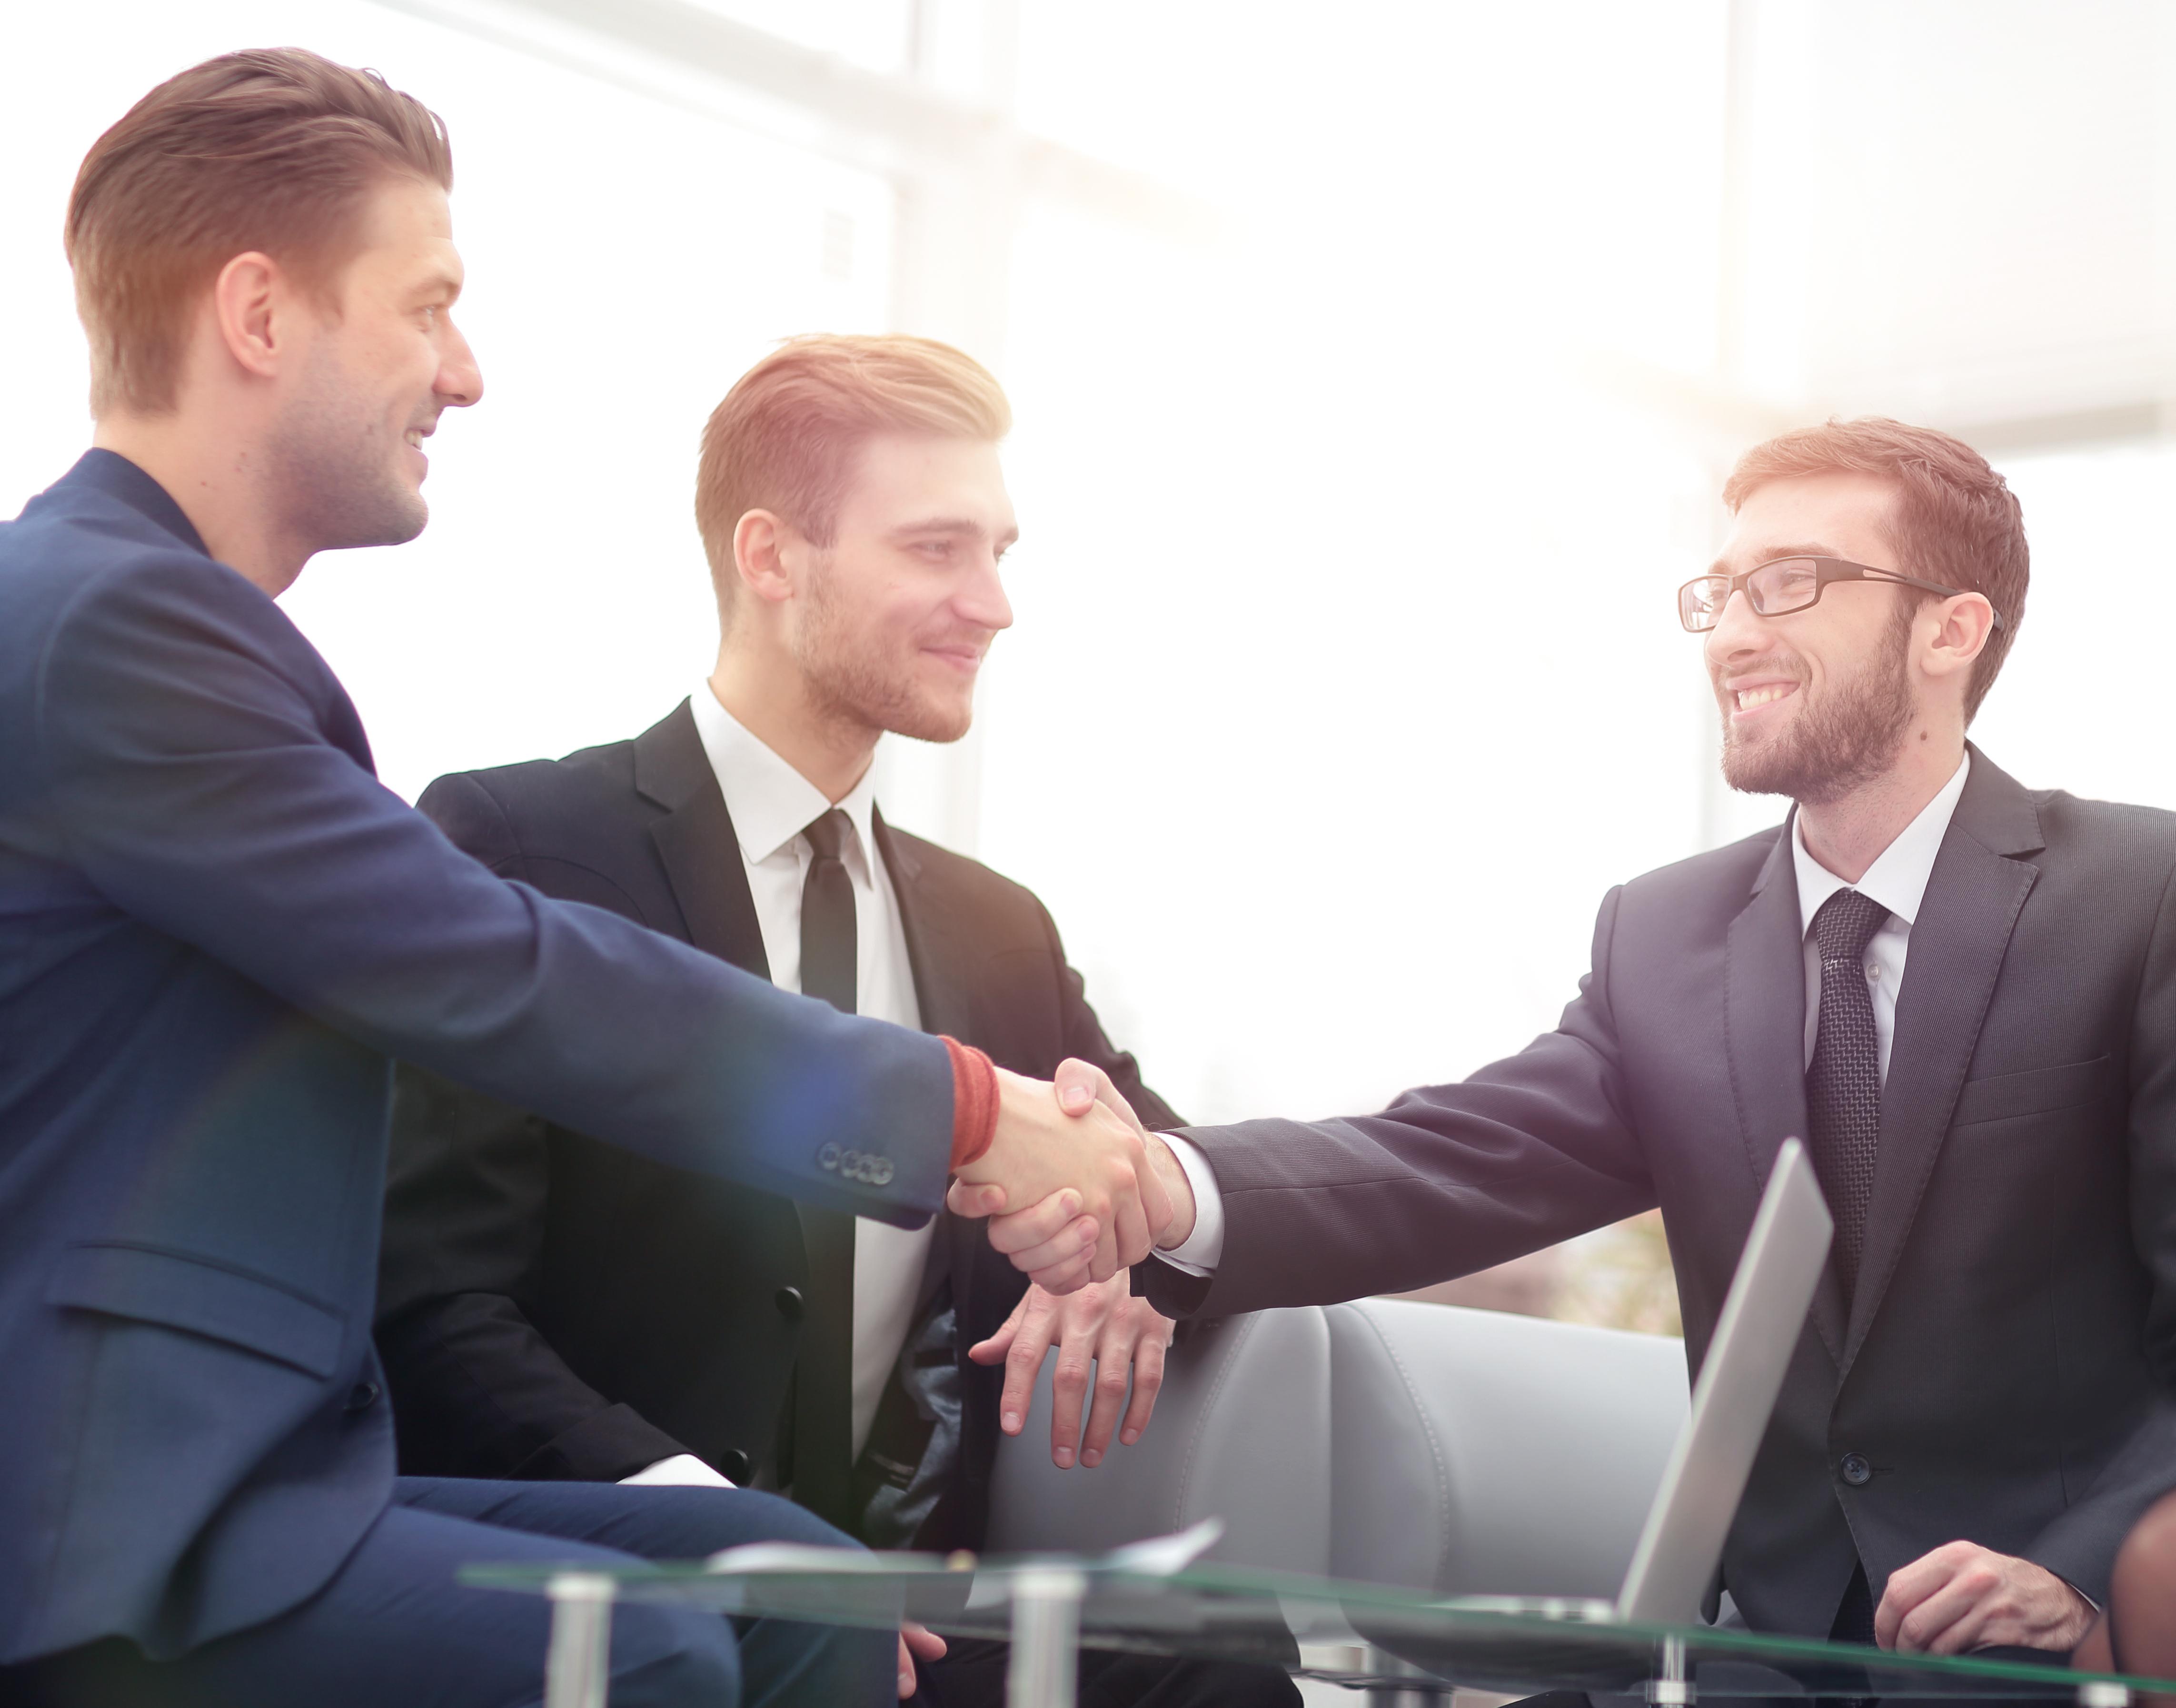 Geschäftsmeeting Handshake